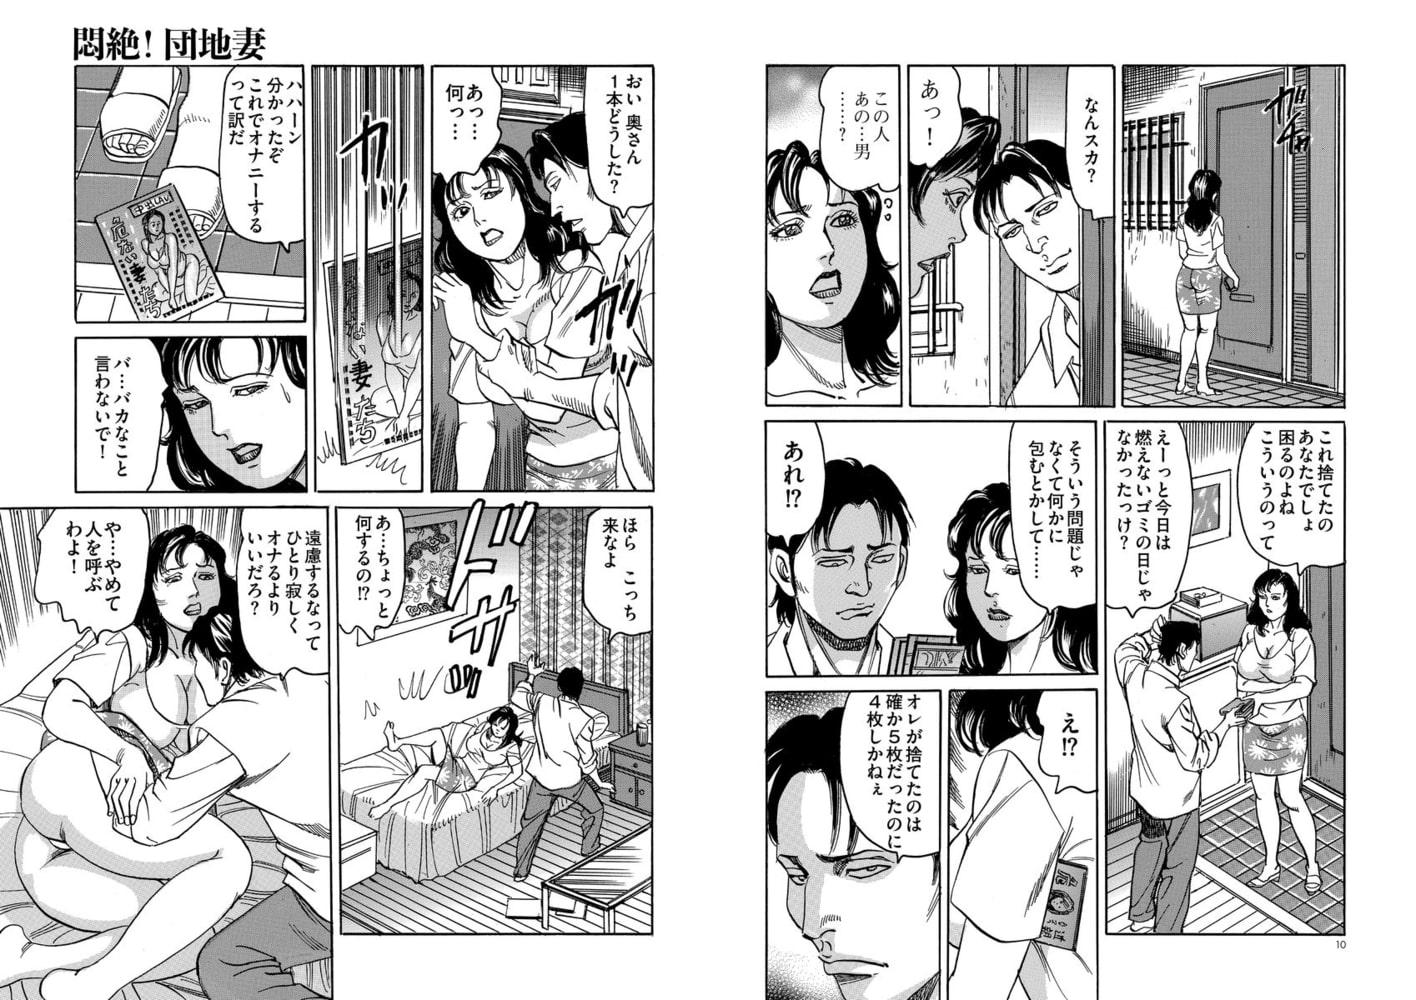 漫画人妻本当にあったHな話 Vol.1